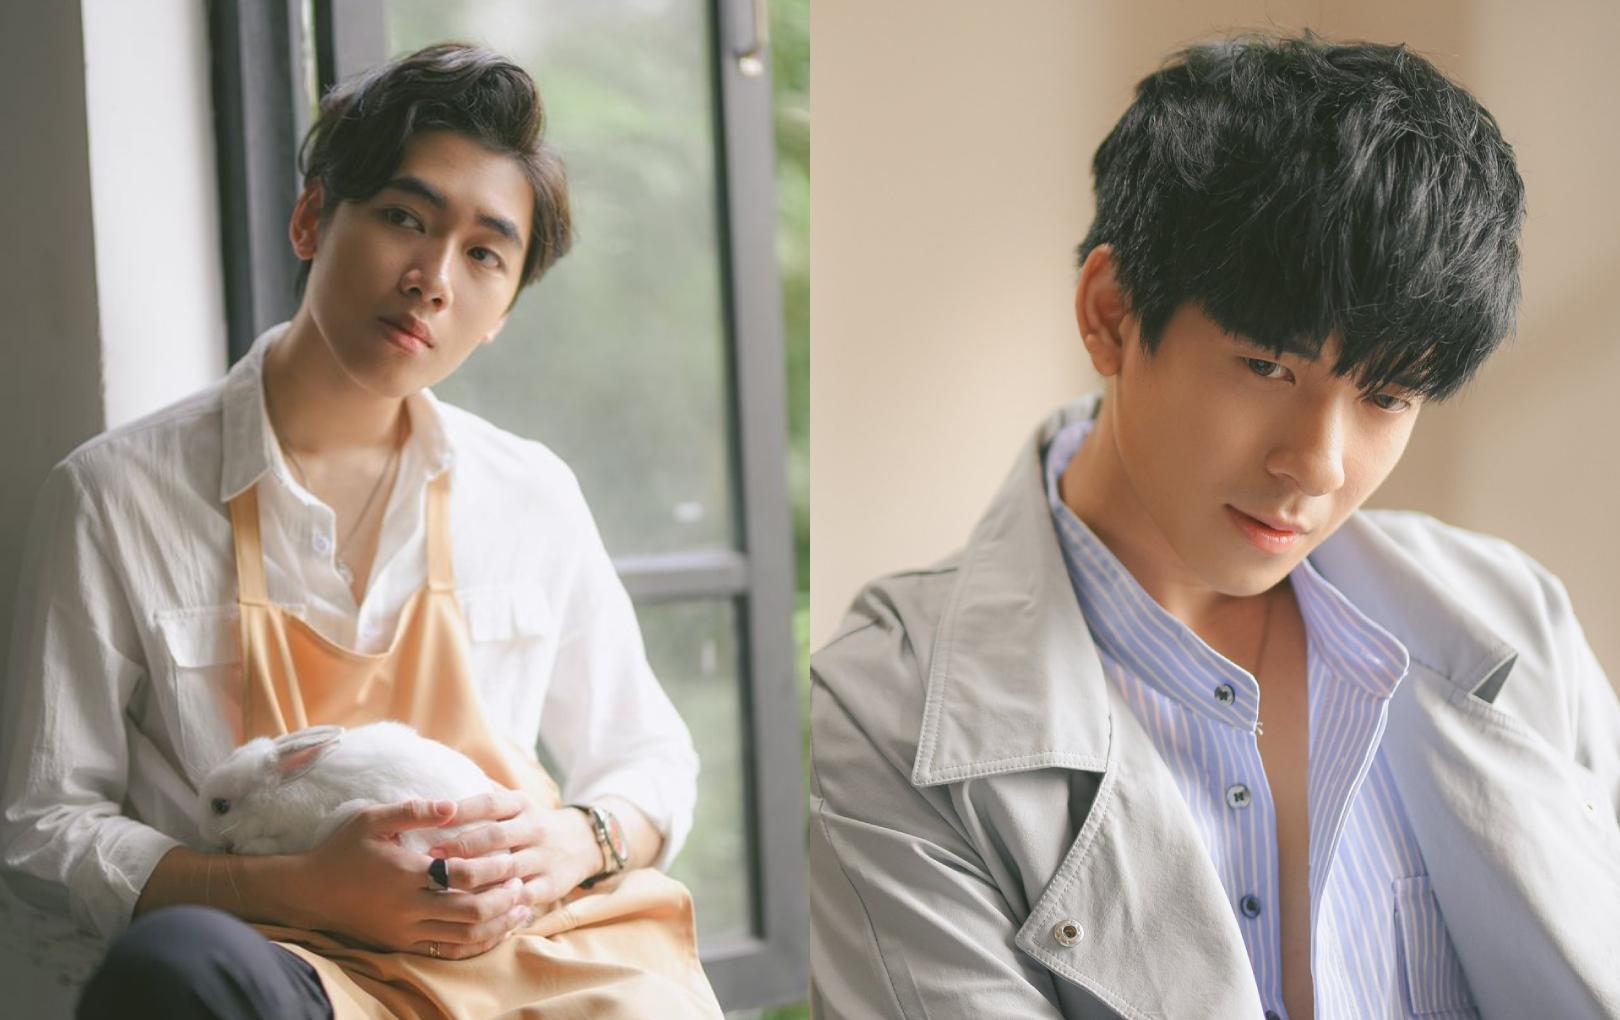 K-ICM và Quang Đông sẽ cho ra mắt 2 MV trong 1 tháng, tiết lộ đã có sẵn 5 sản phẩm chỉ chờ lên sóng